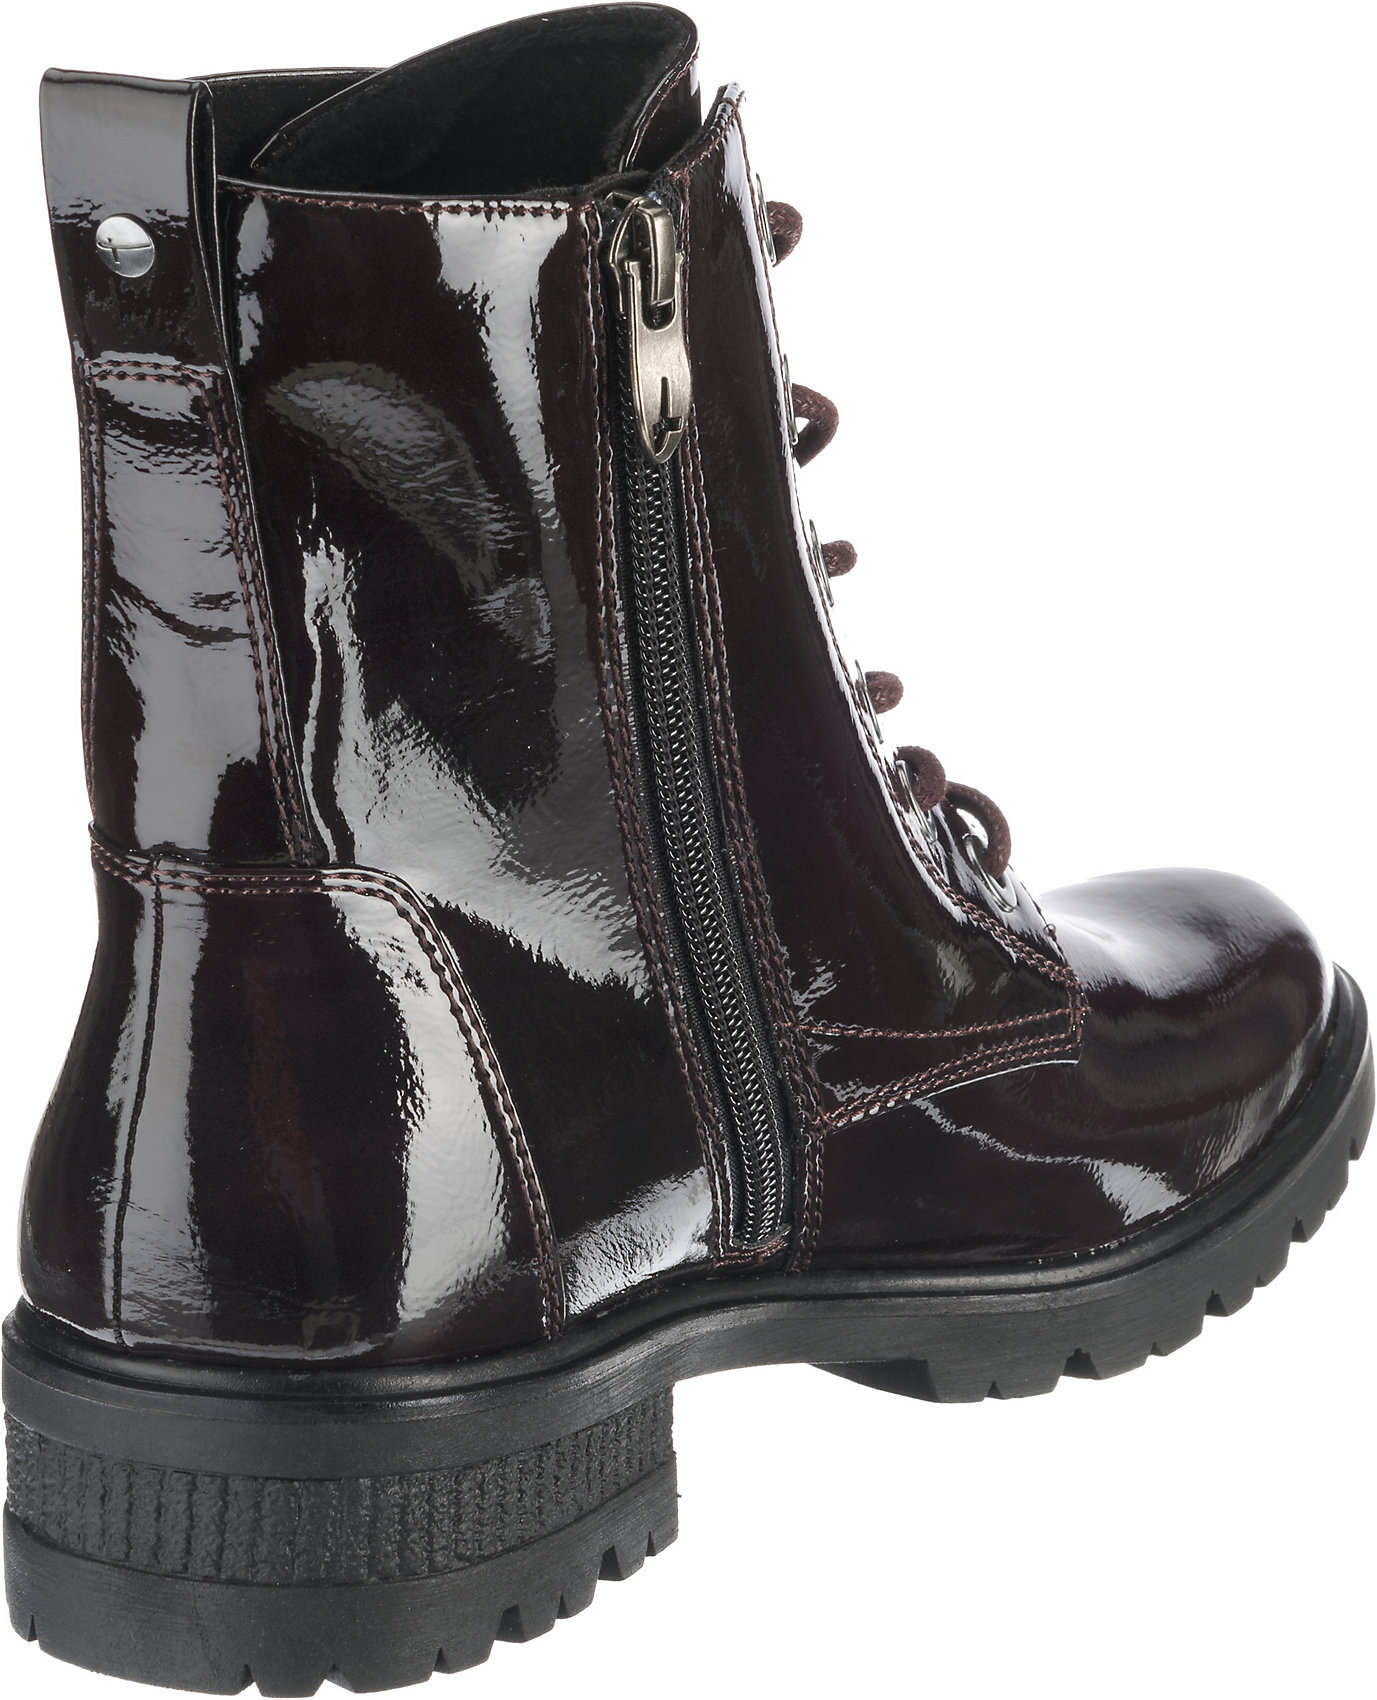 Details zu Neu Tamaris Schnürstiefelette 8453356 für Damen schwarz Modell 2